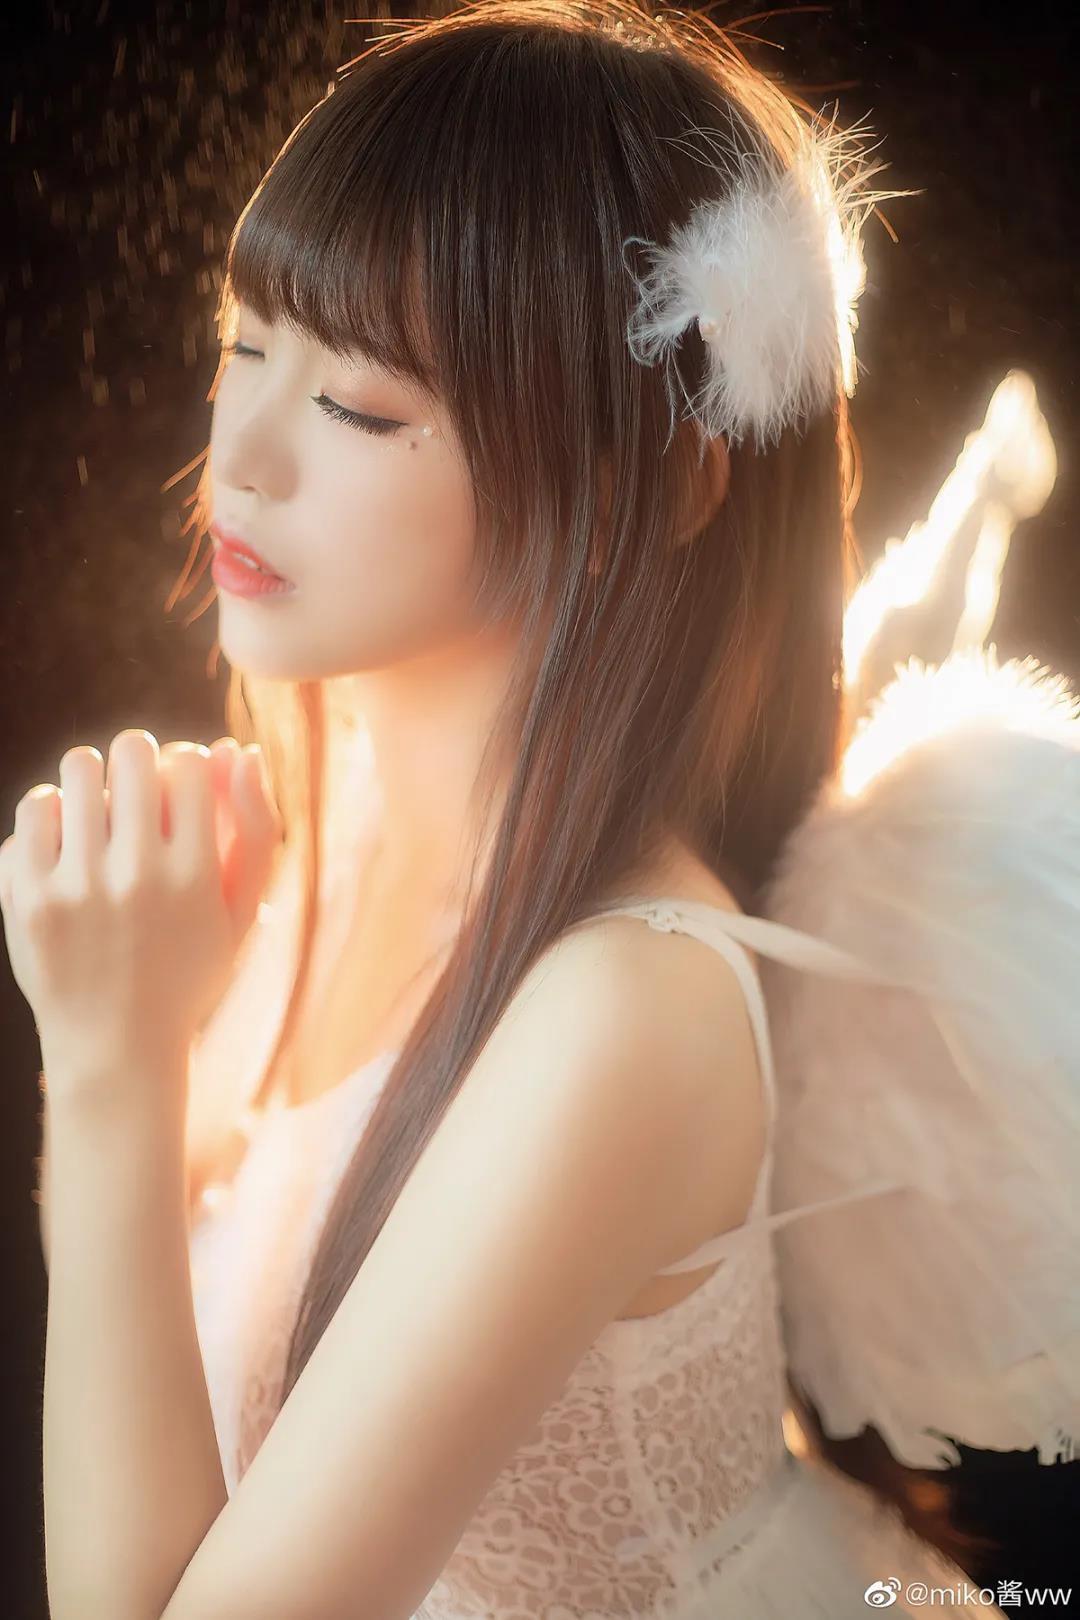 miko酱ww:天使写真,简直是天使遗落人间!